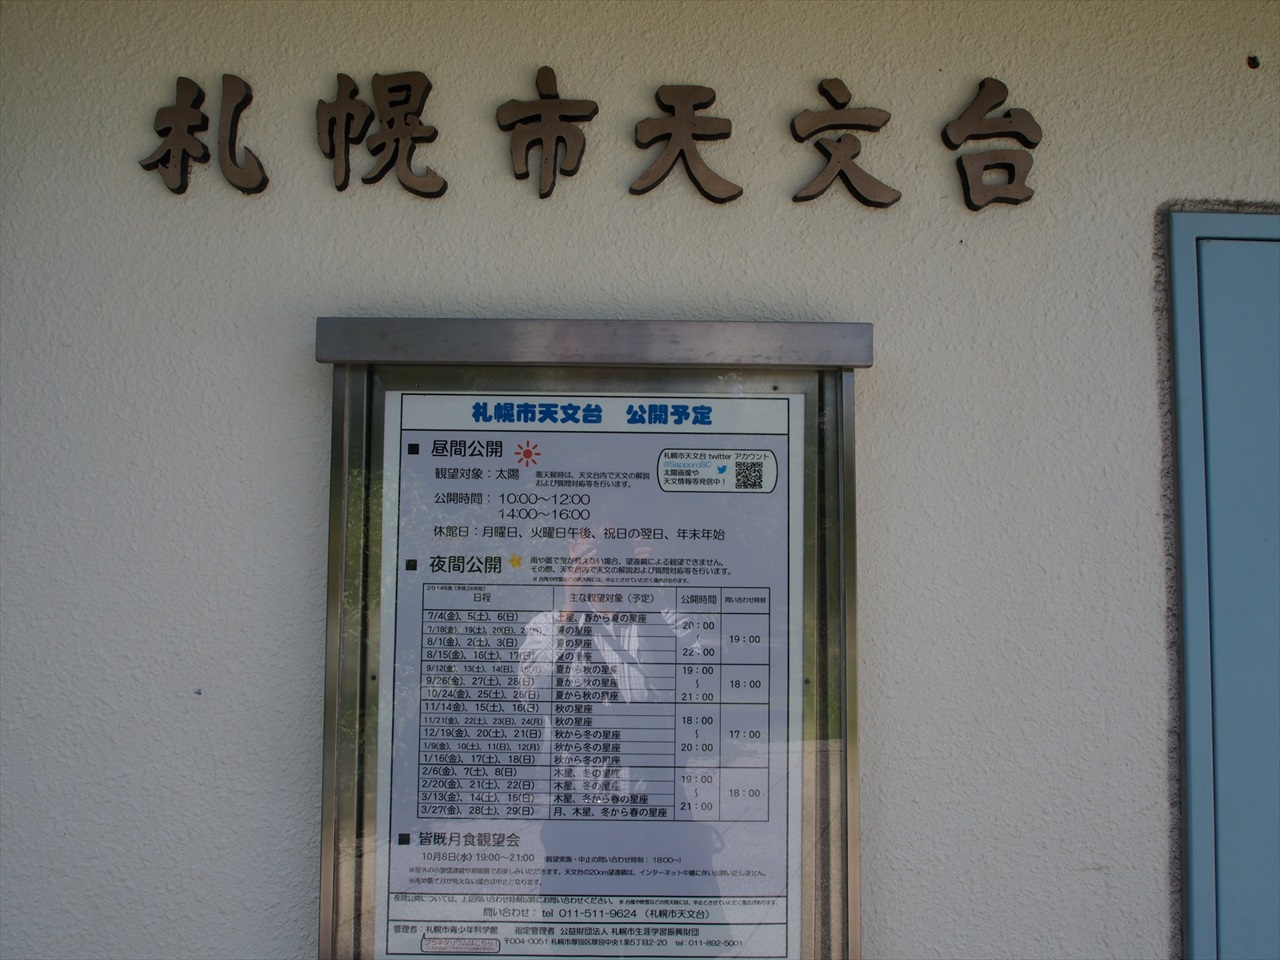 札幌市天文台その3